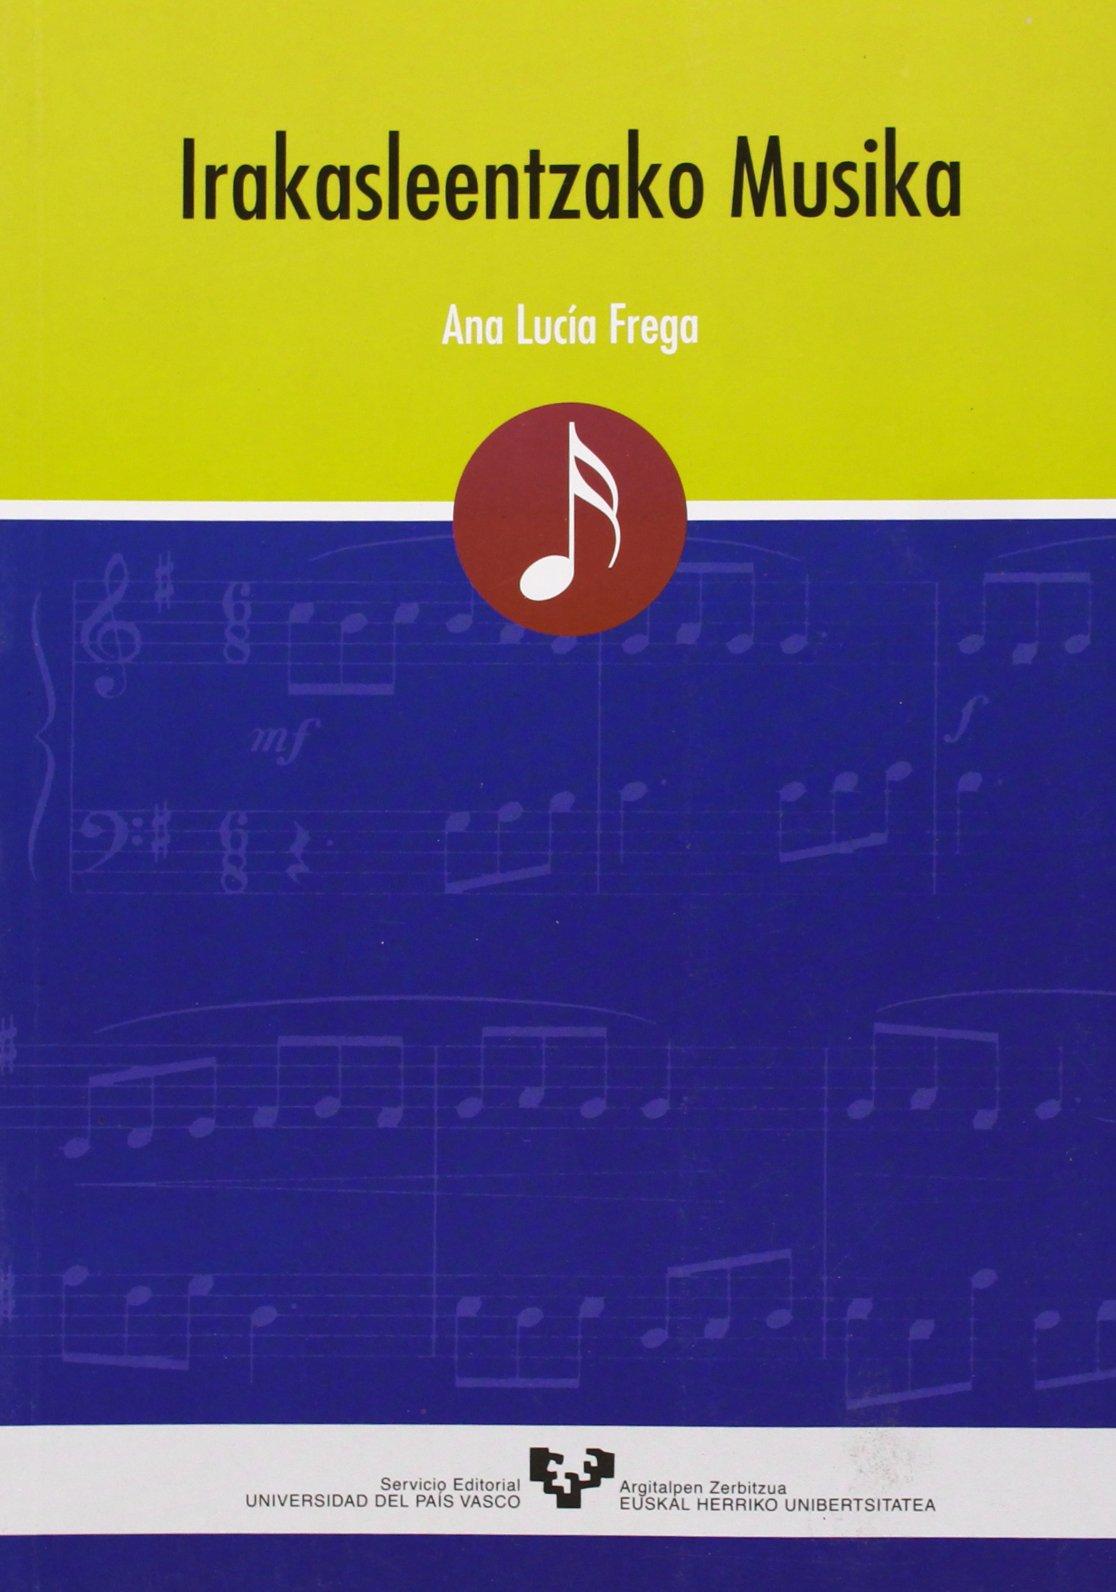 Irakasleentzako musika (Vicerrectorado de Euskara)